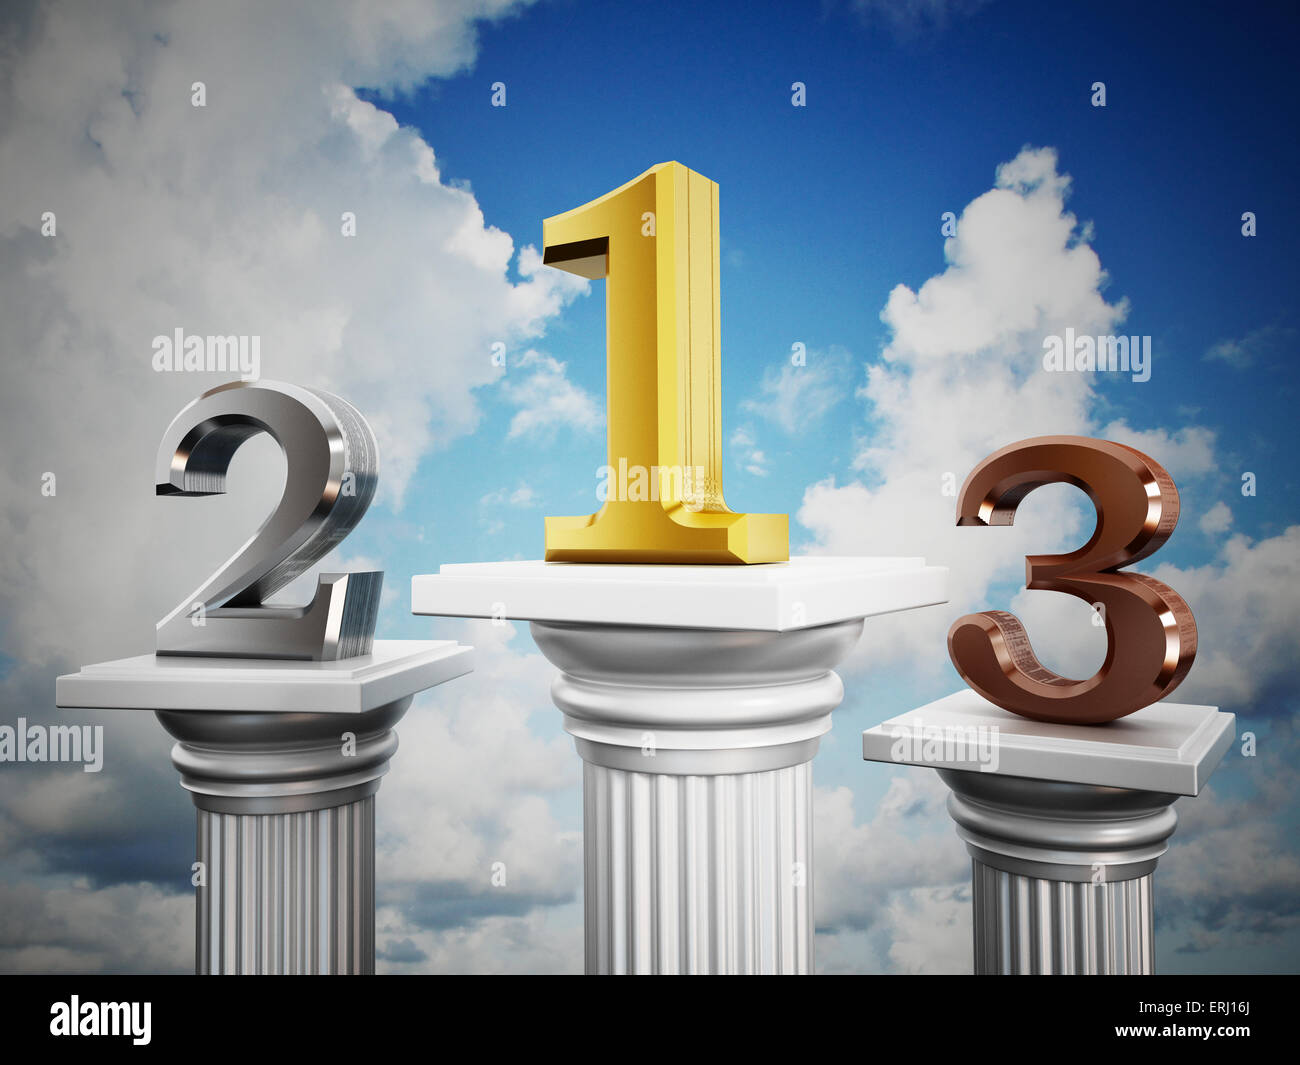 Nummer 1, 2 und 3 auf Säulen stehend. Stockbild